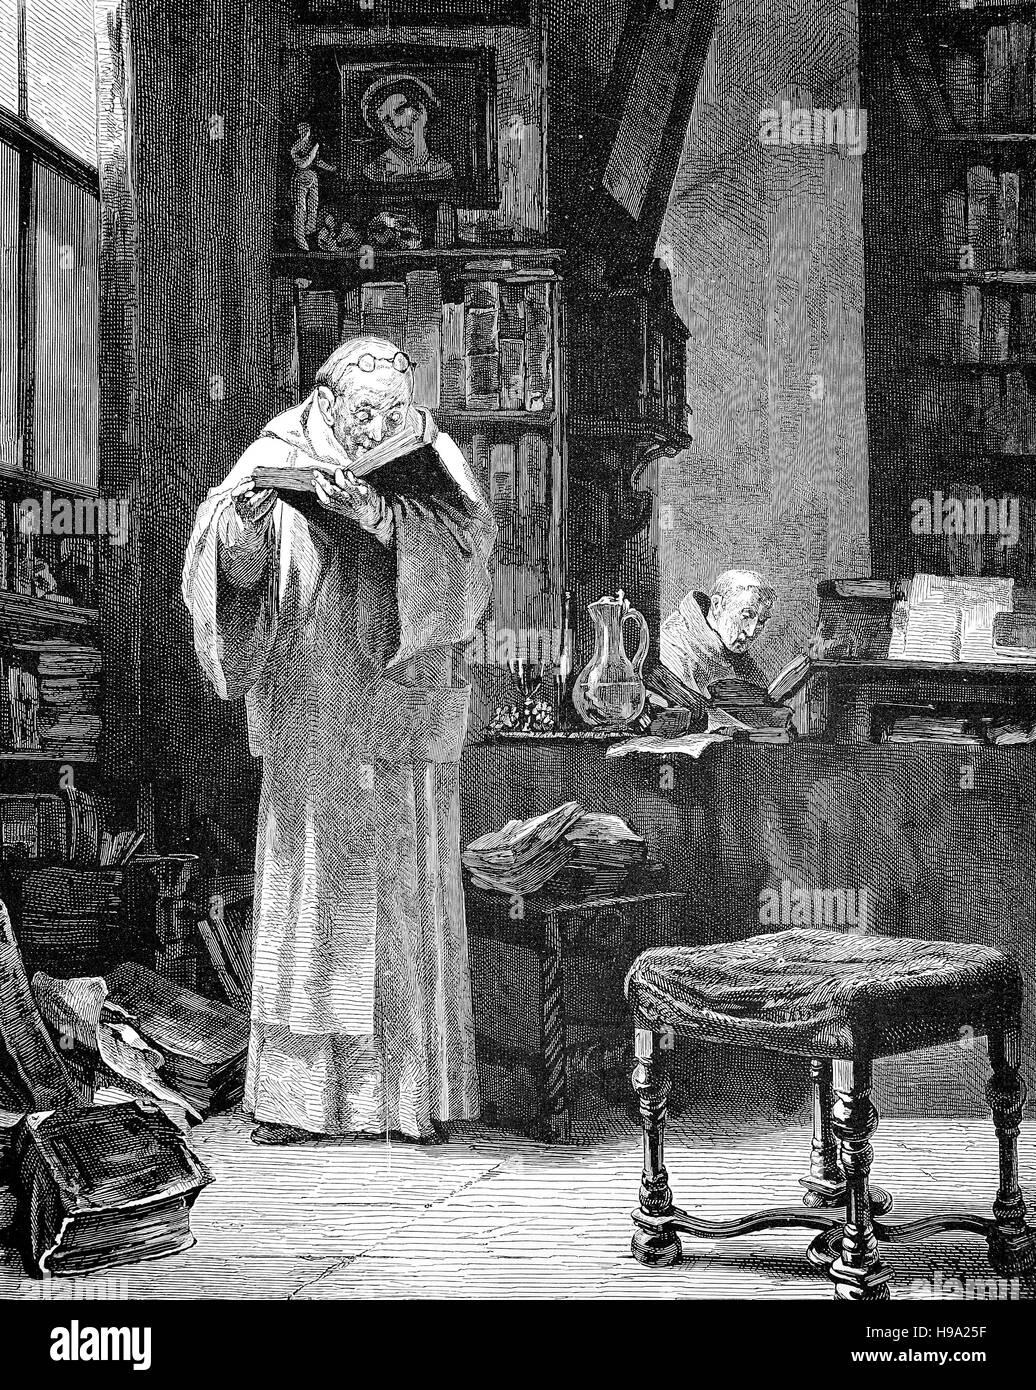 Gli studi scolastici all'inizio della Riforma Protestante, Medioevo, 1500, storico illustrazione Immagini Stock